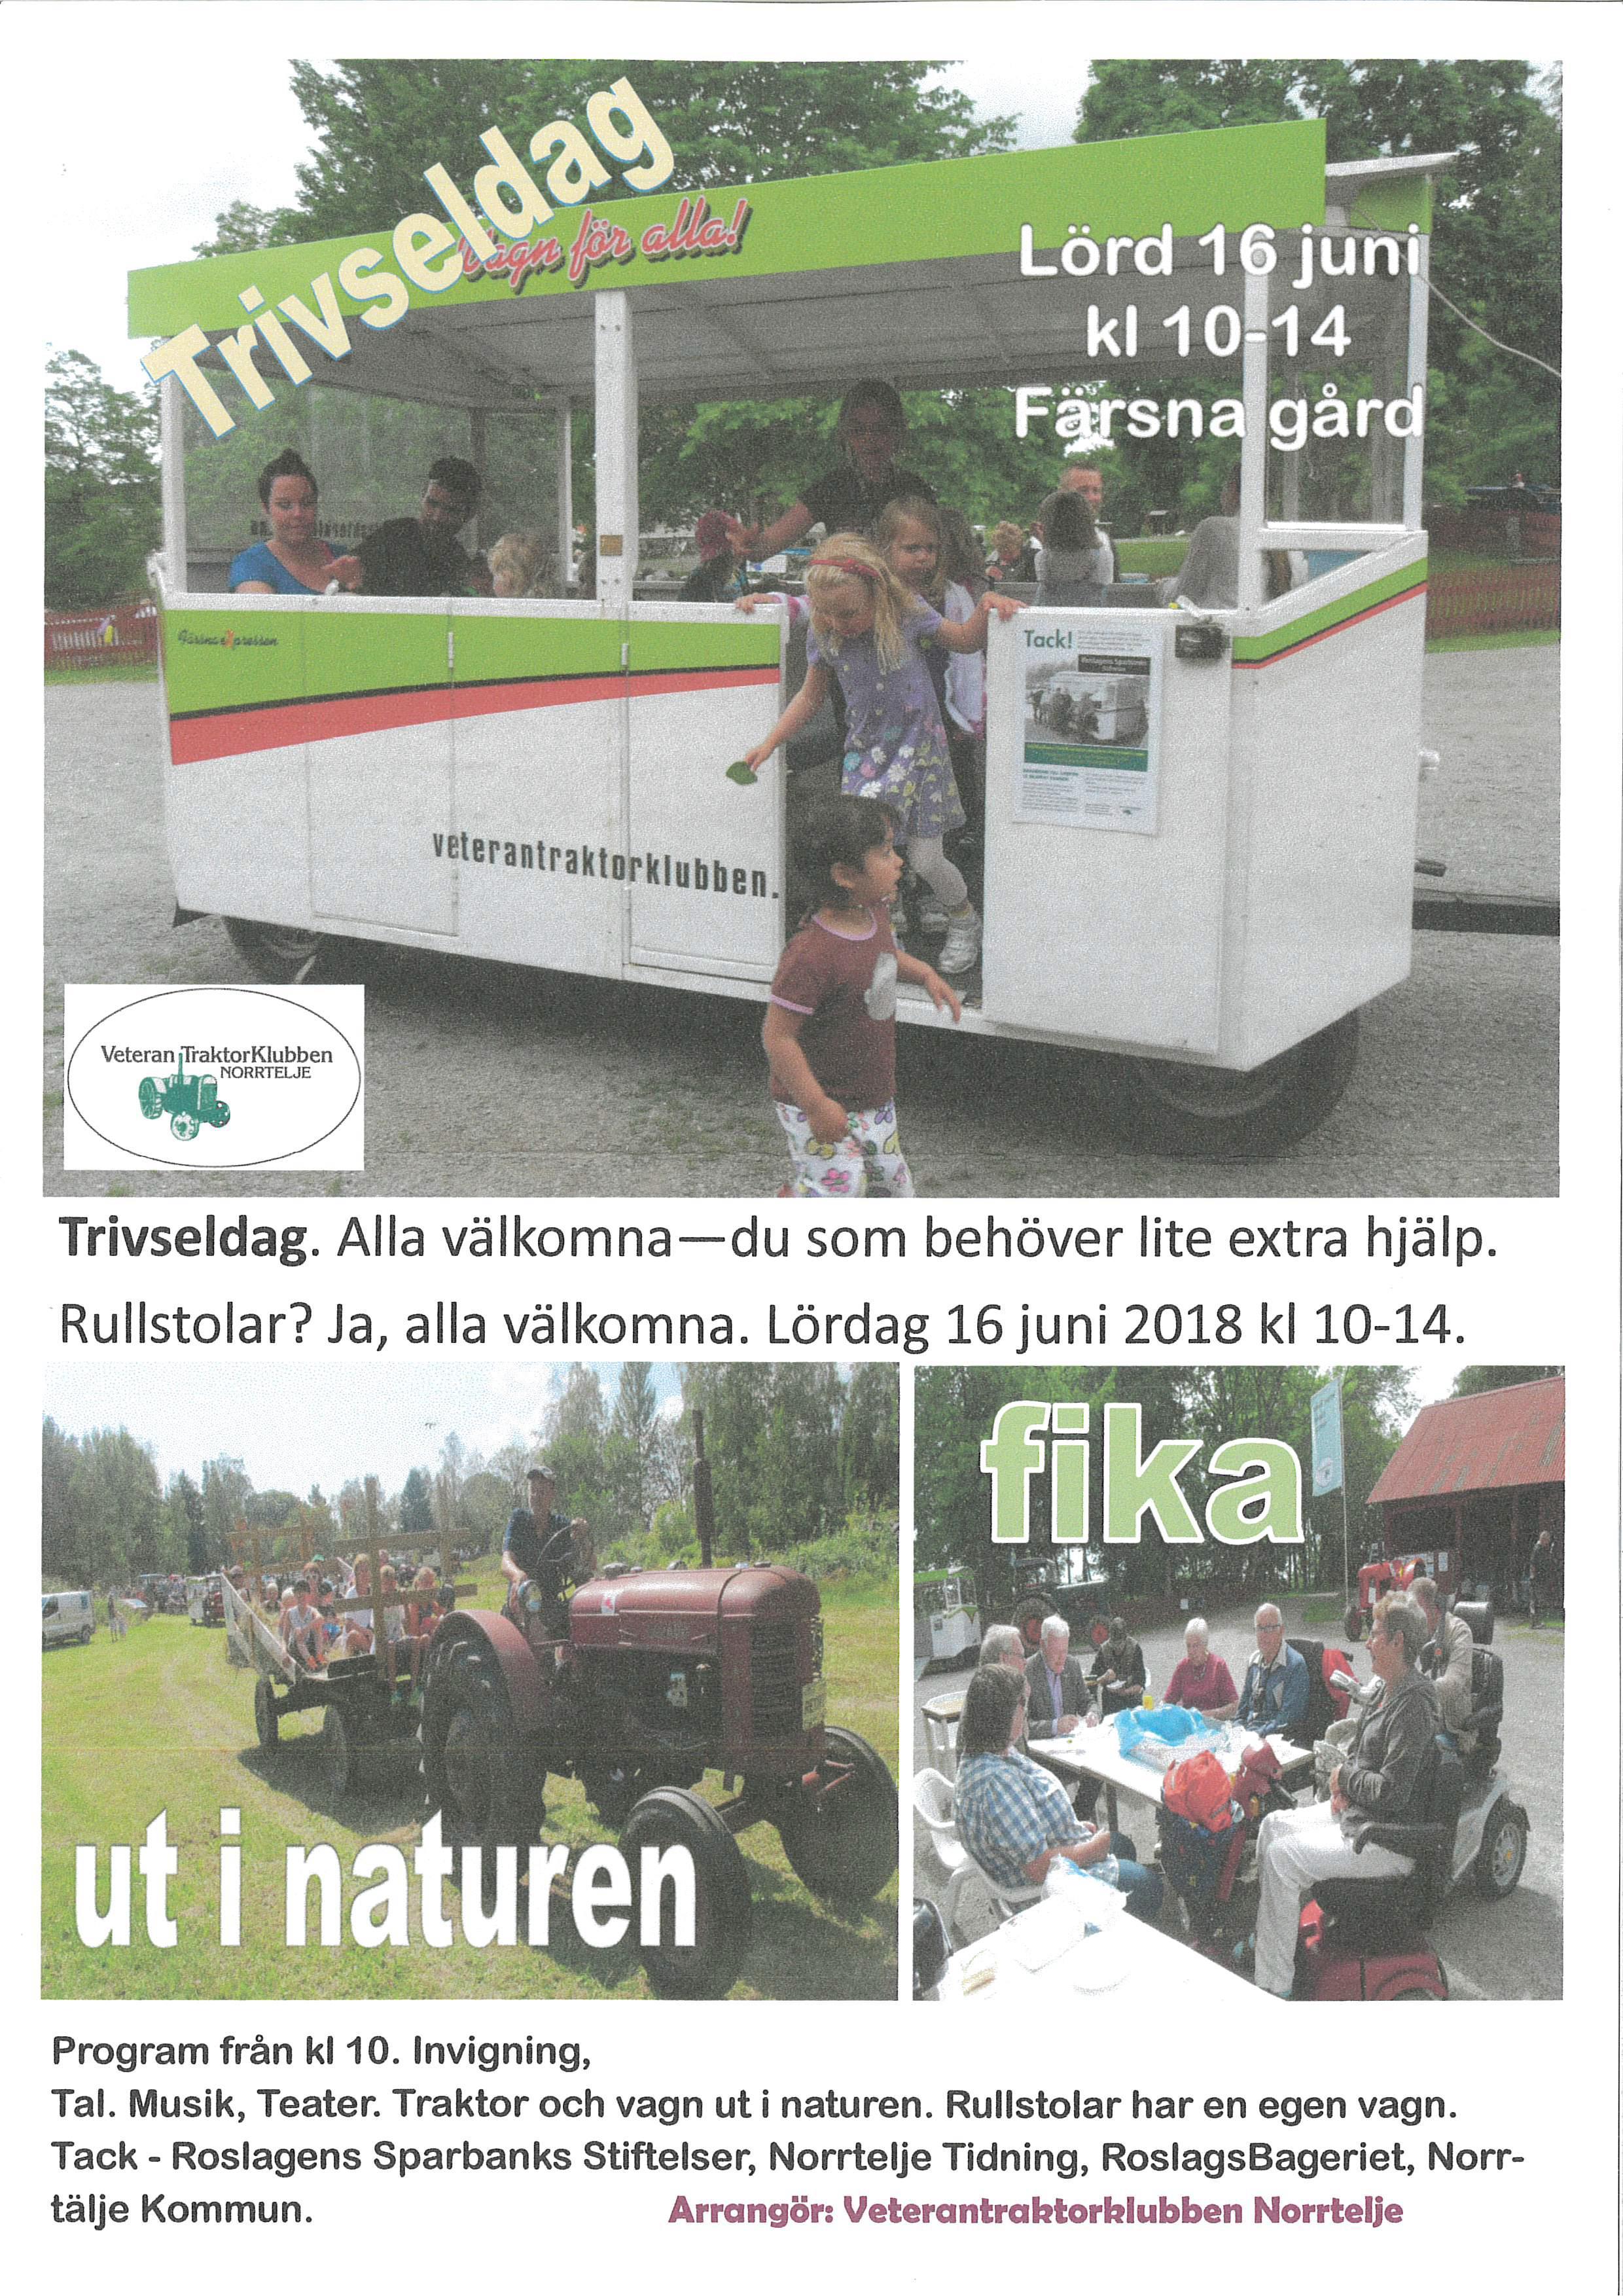 Trivseldag 16 juni Färsna Gård Norrtälje